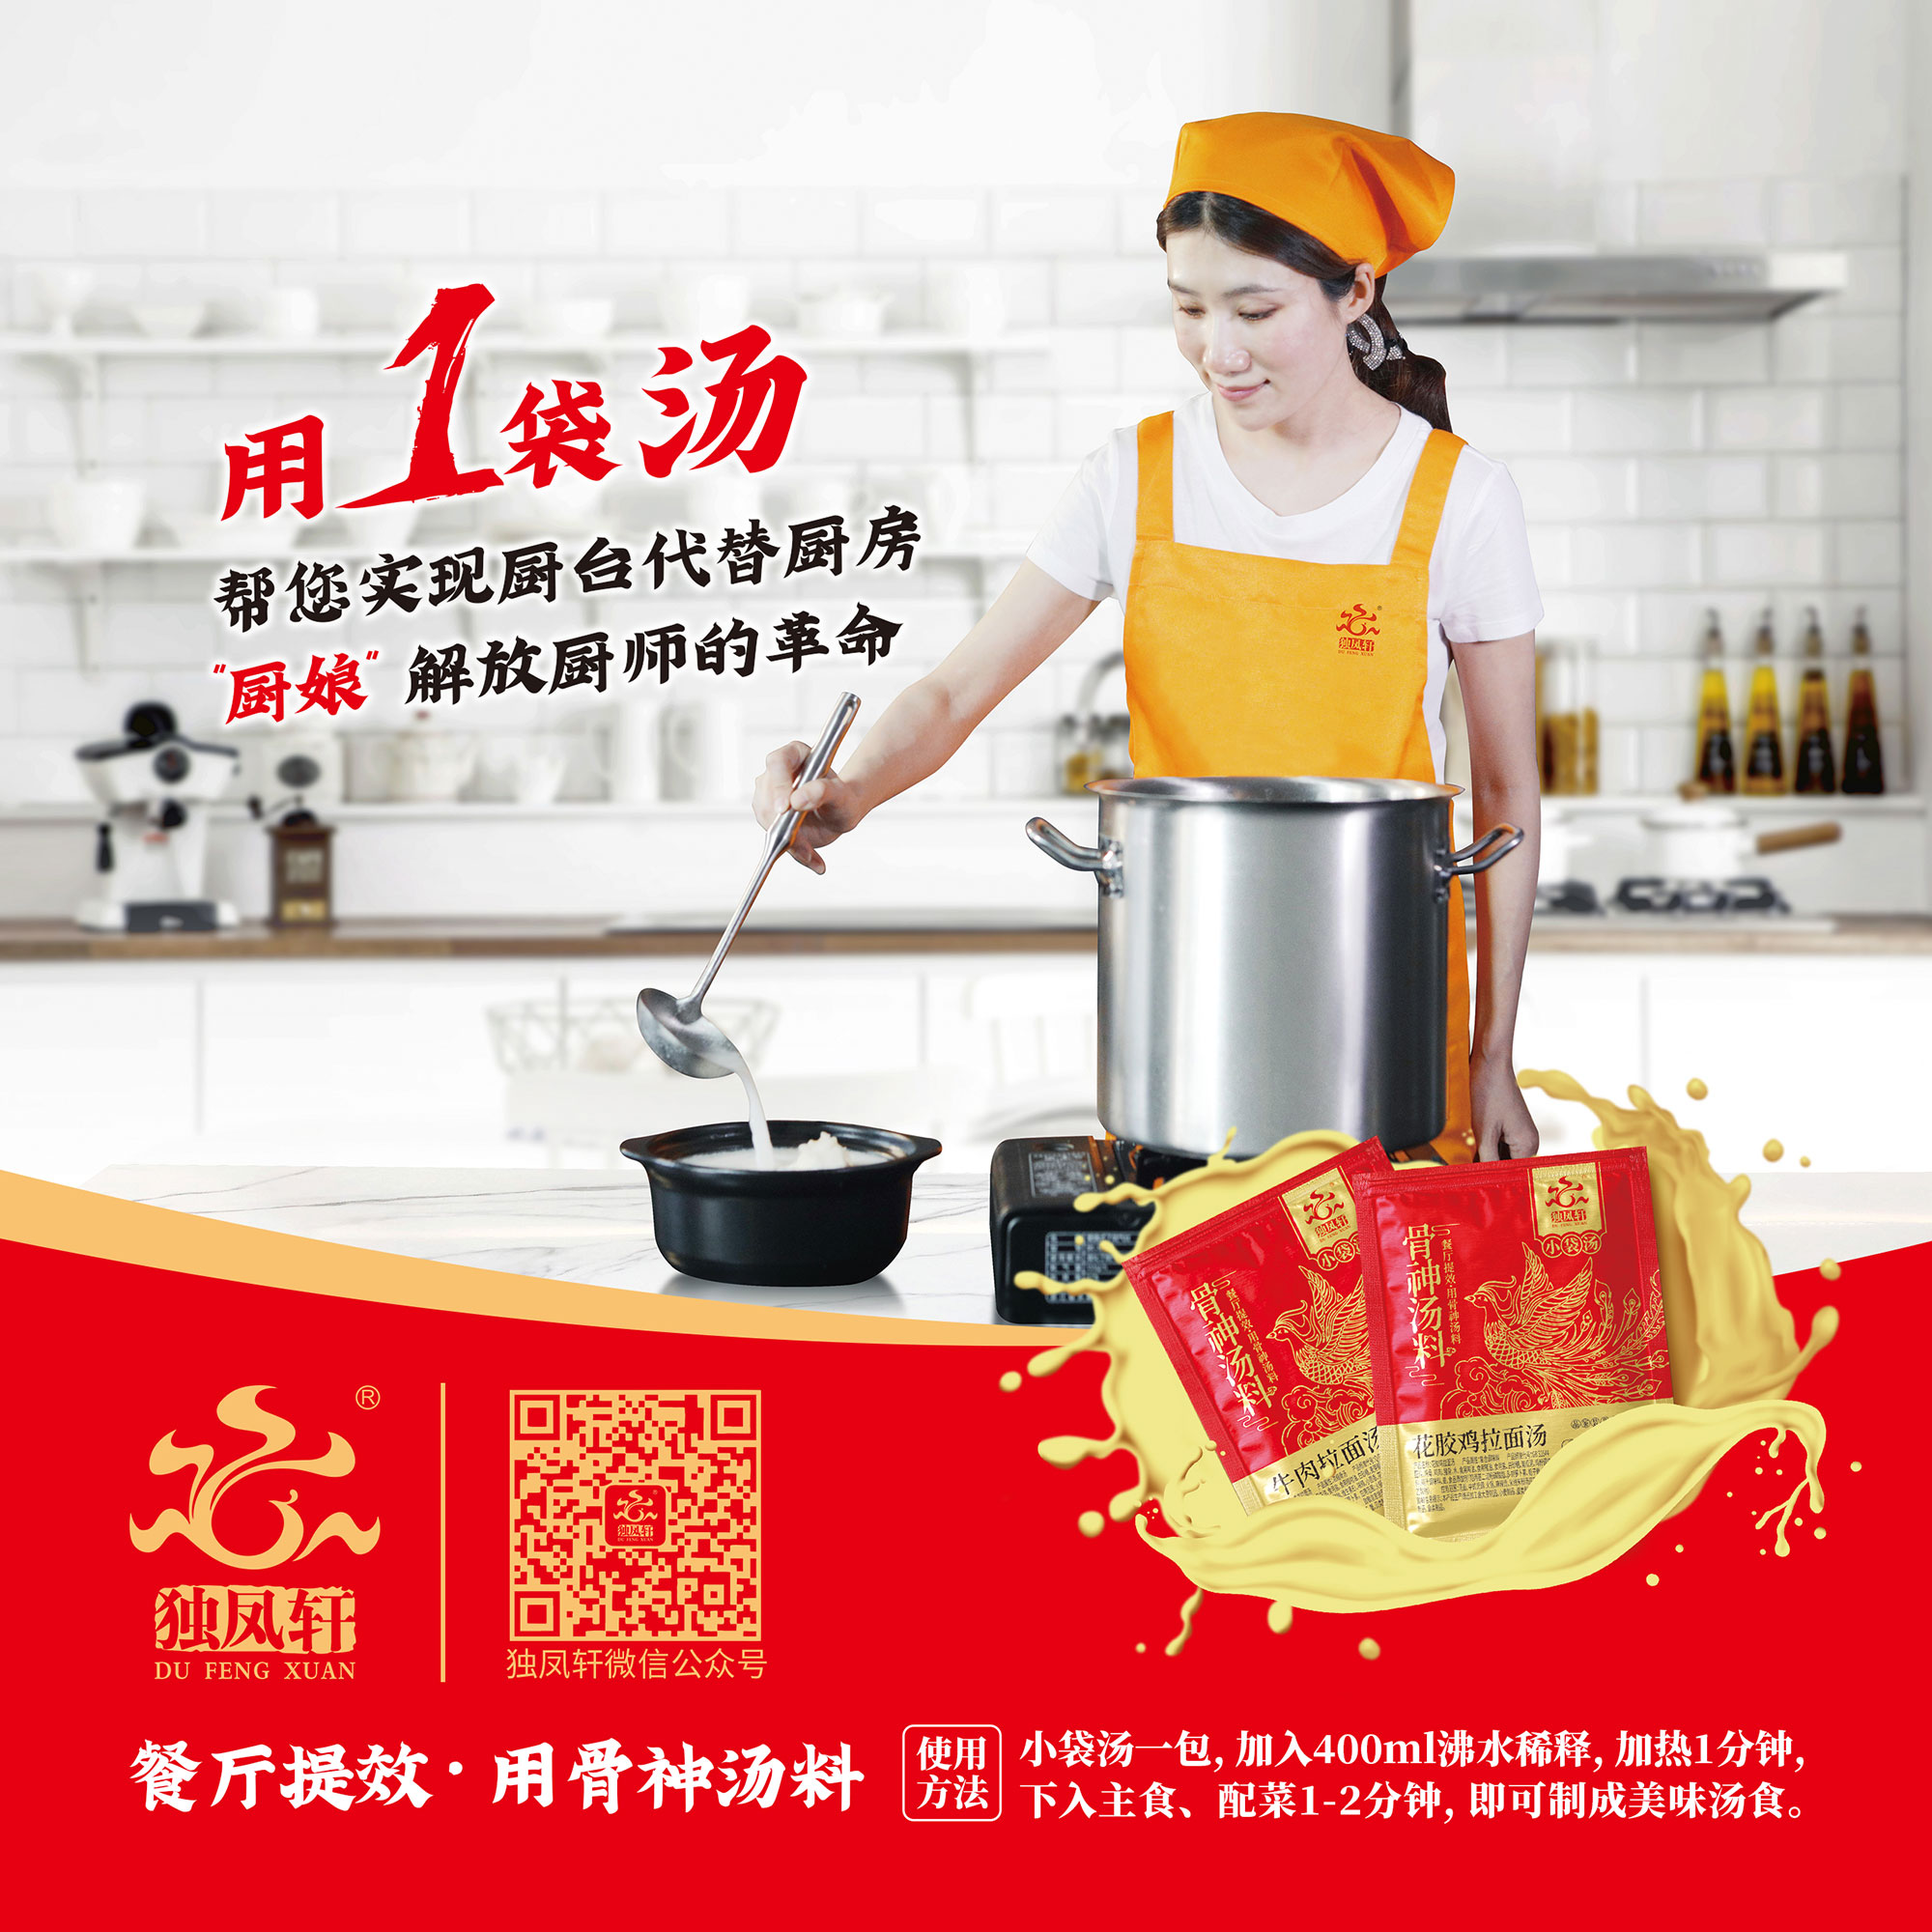 独凤轩-小袋汤